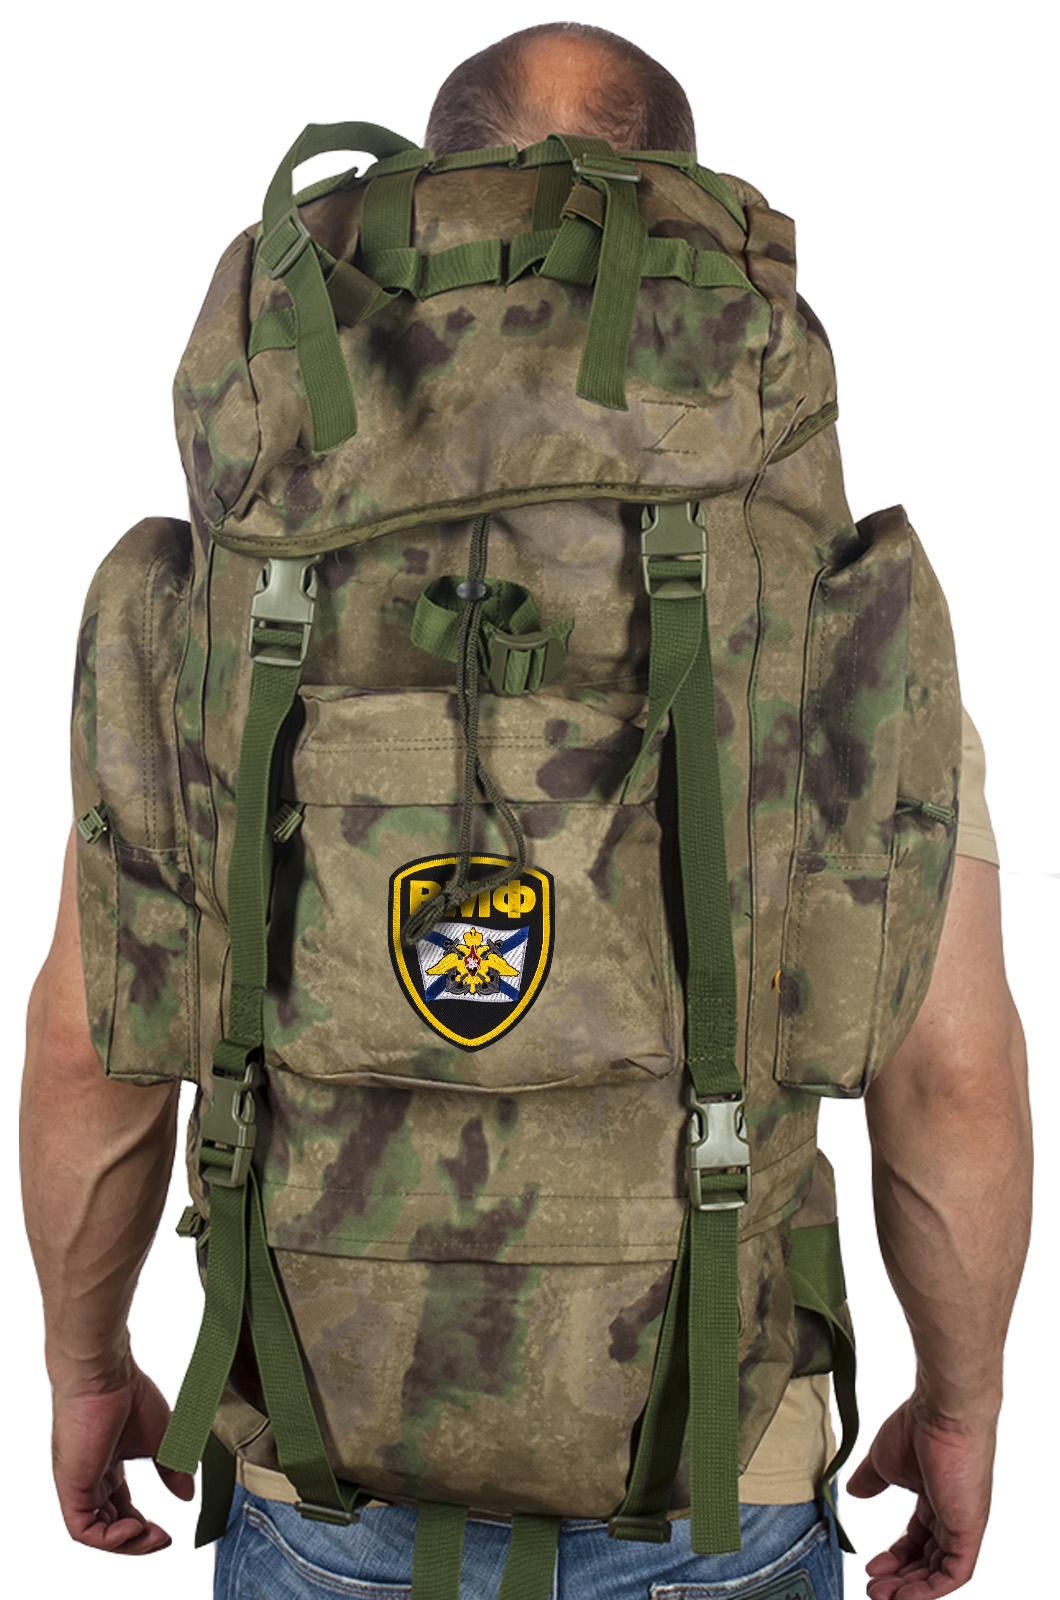 Тактический армейский рюкзак с нашивкой ВМФ - купить оптом